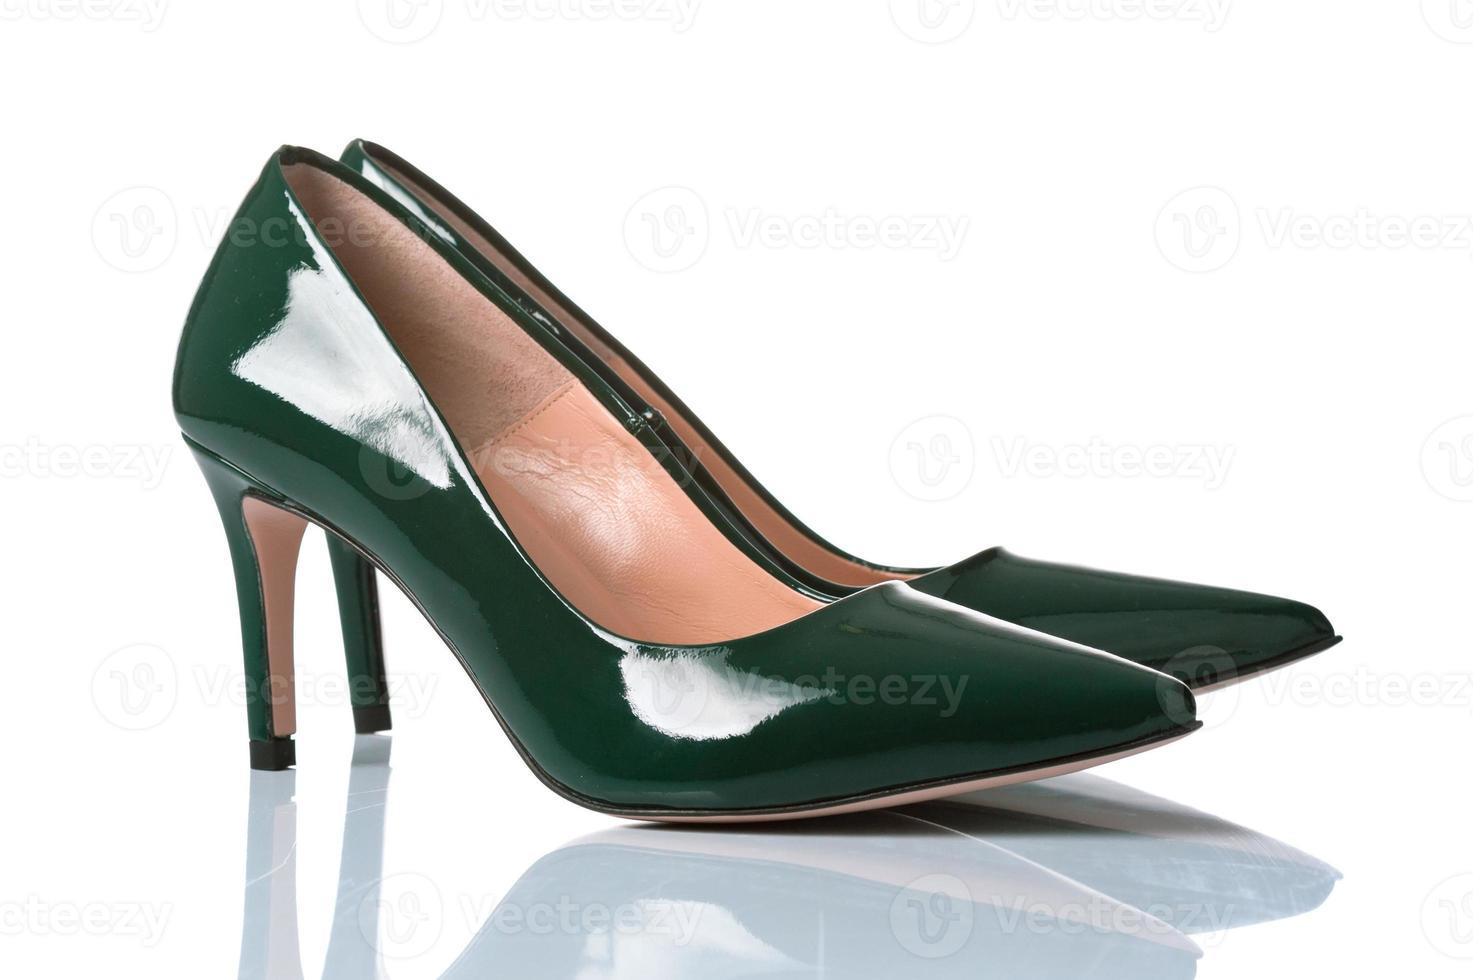 paire de chaussures à talons hauts femme photo